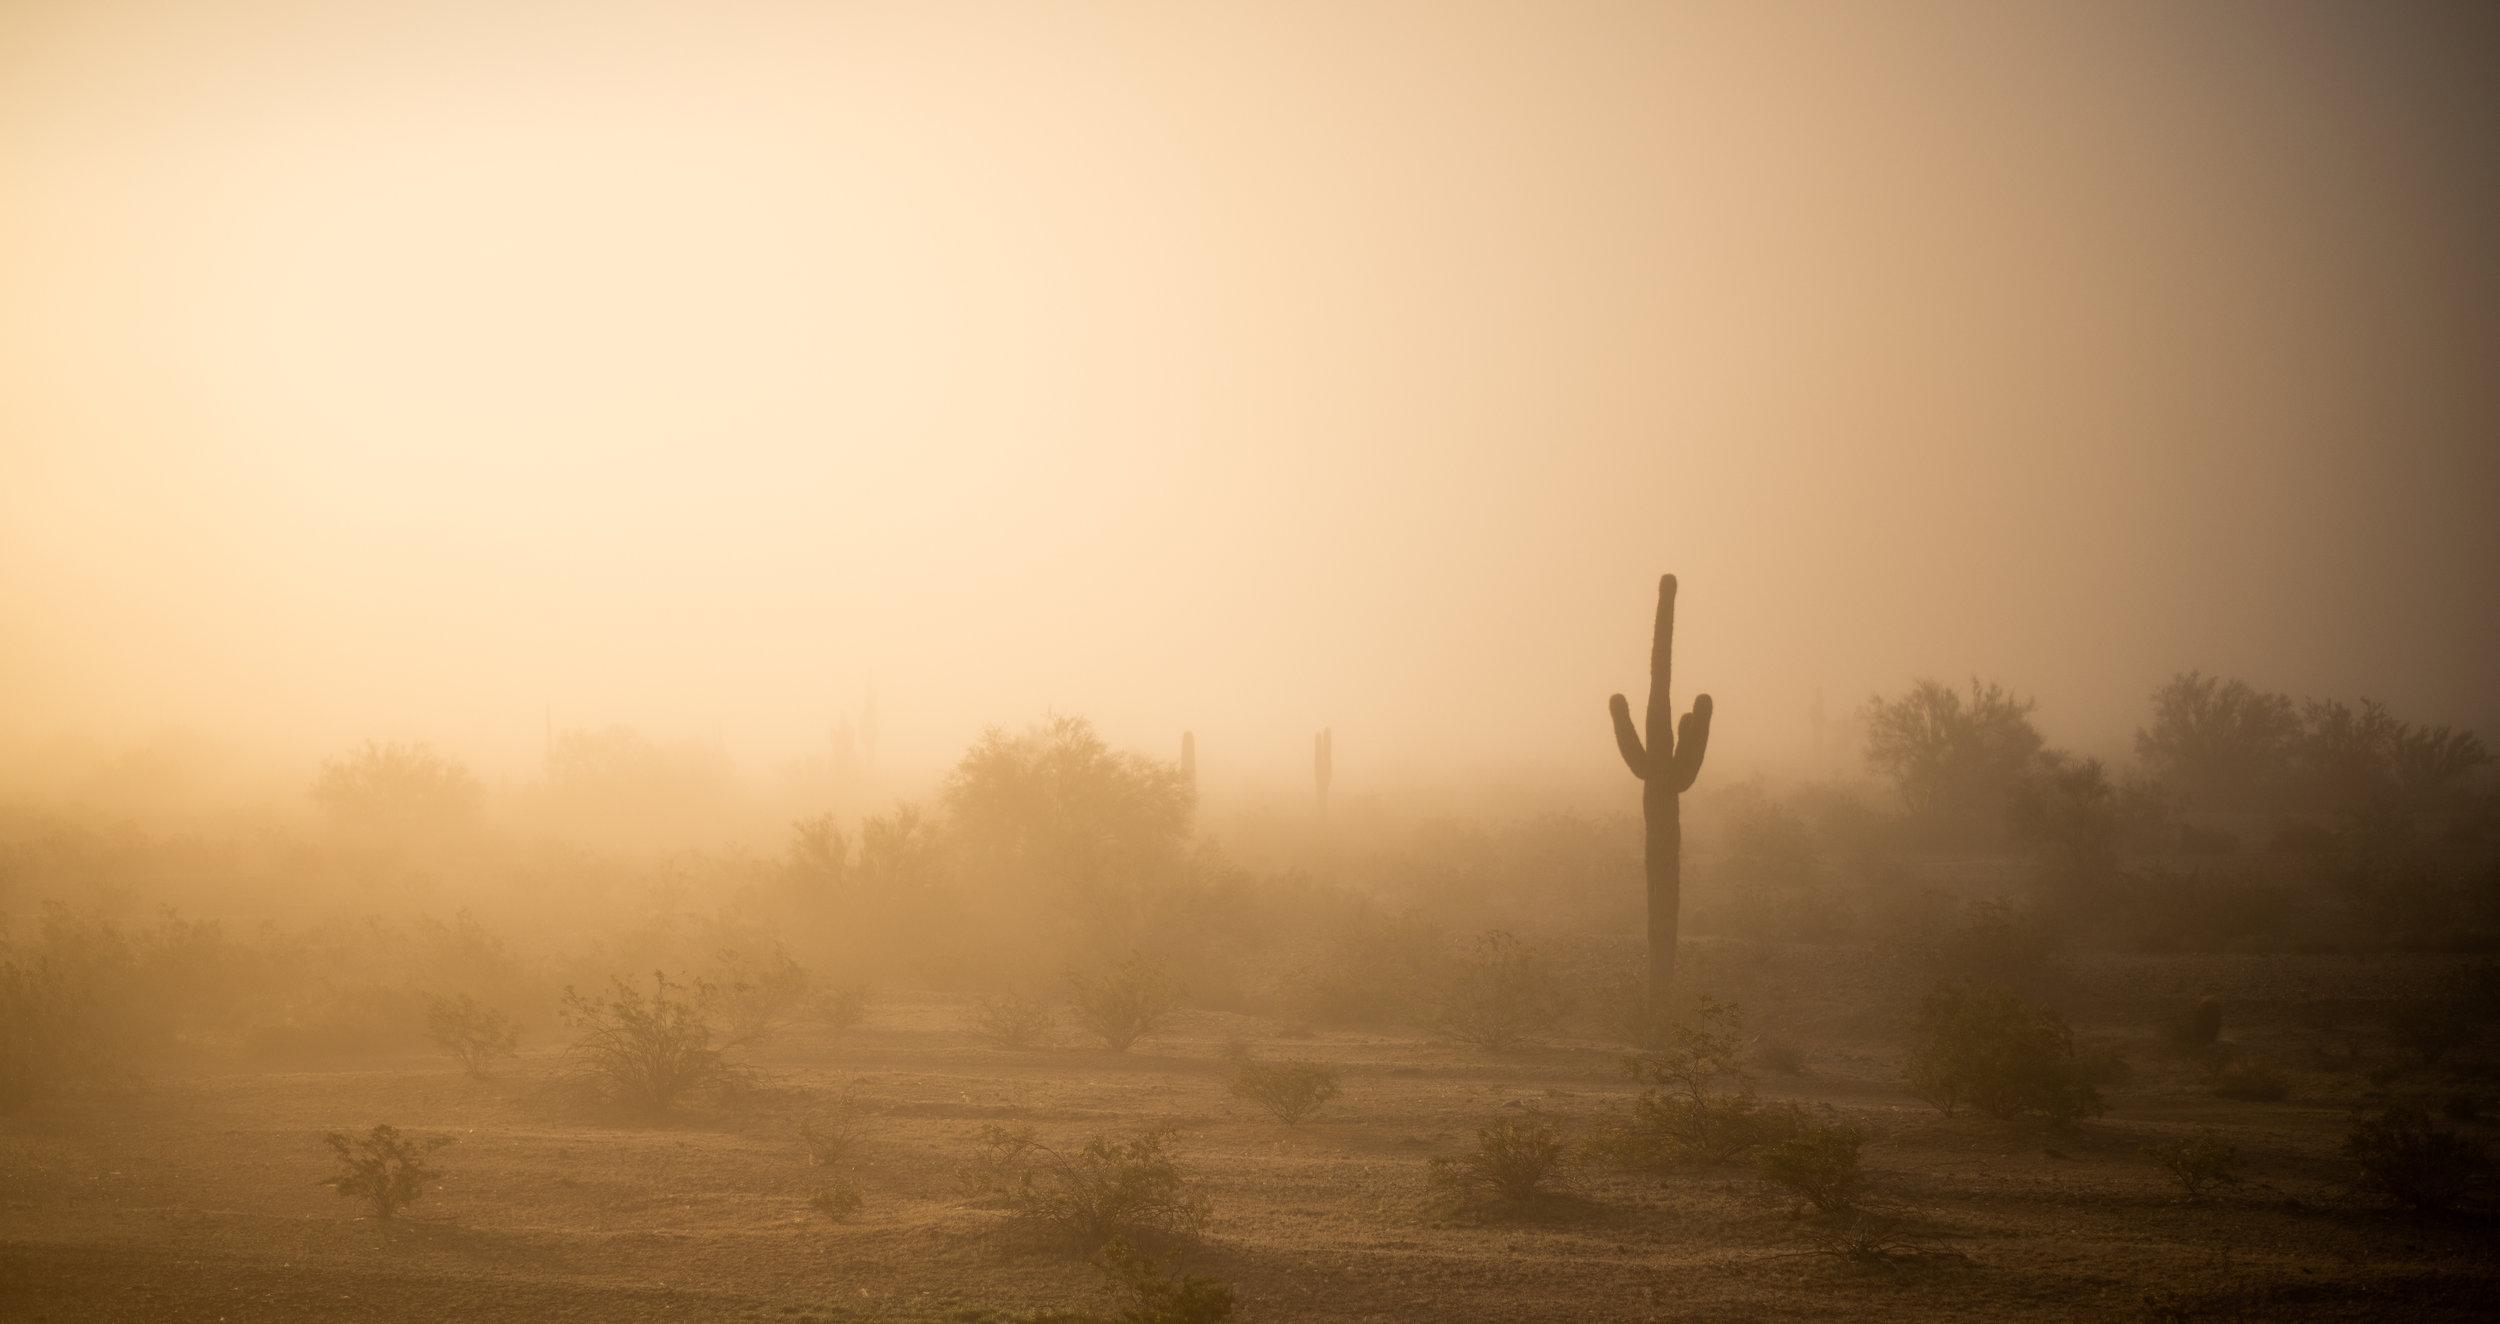 Cactus in the Mist